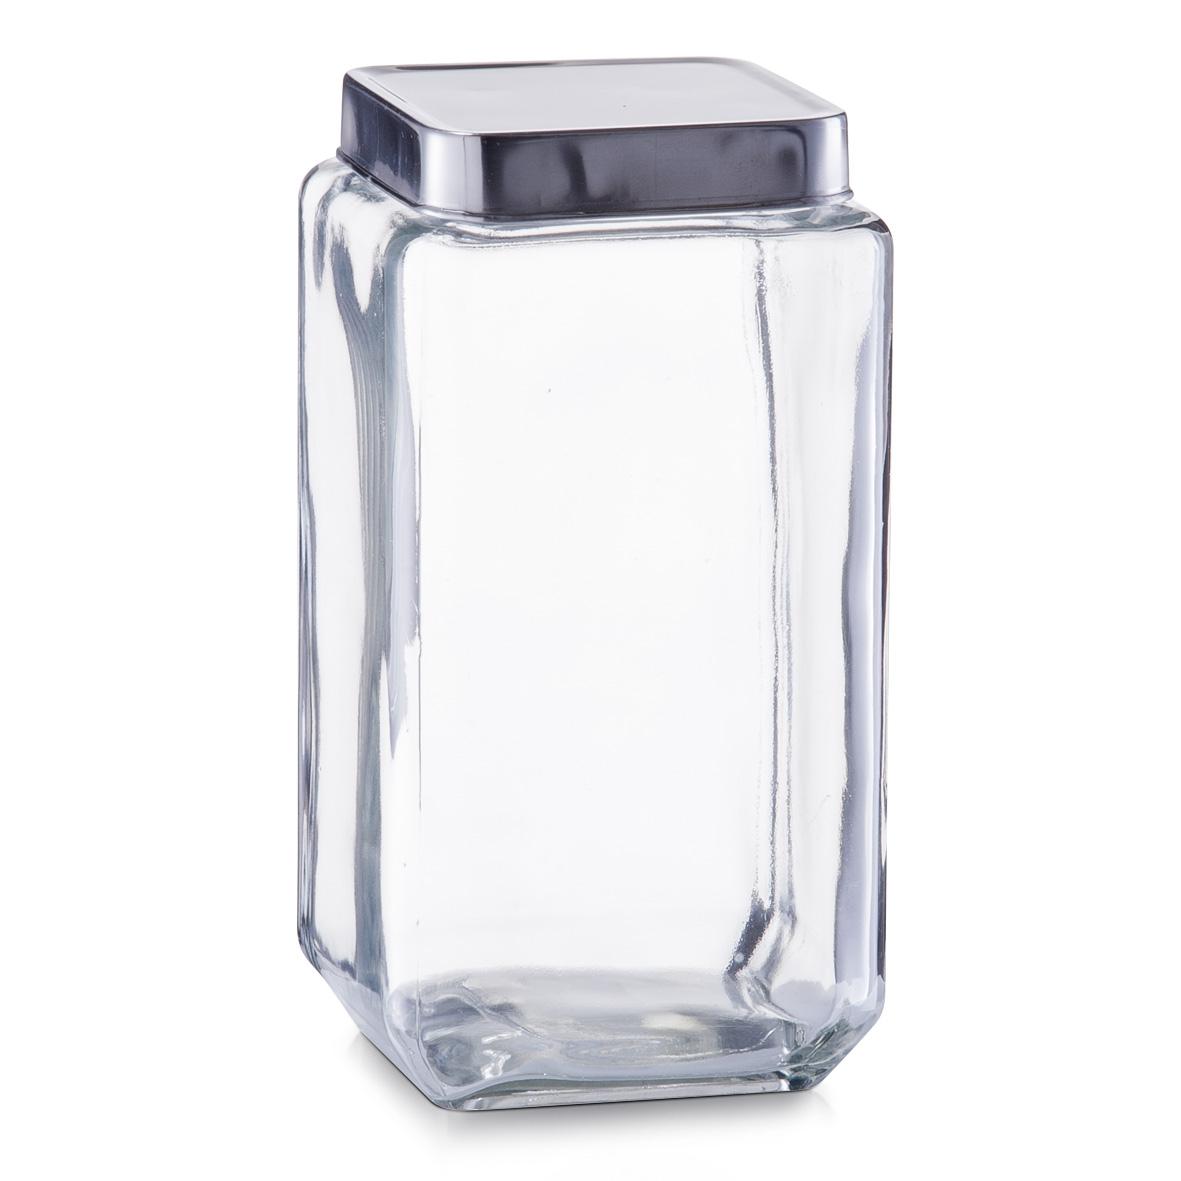 Borcan pentru depozitare Box, capac inox, Glass 2000 ml, l11xA11xH22,2 cm poza